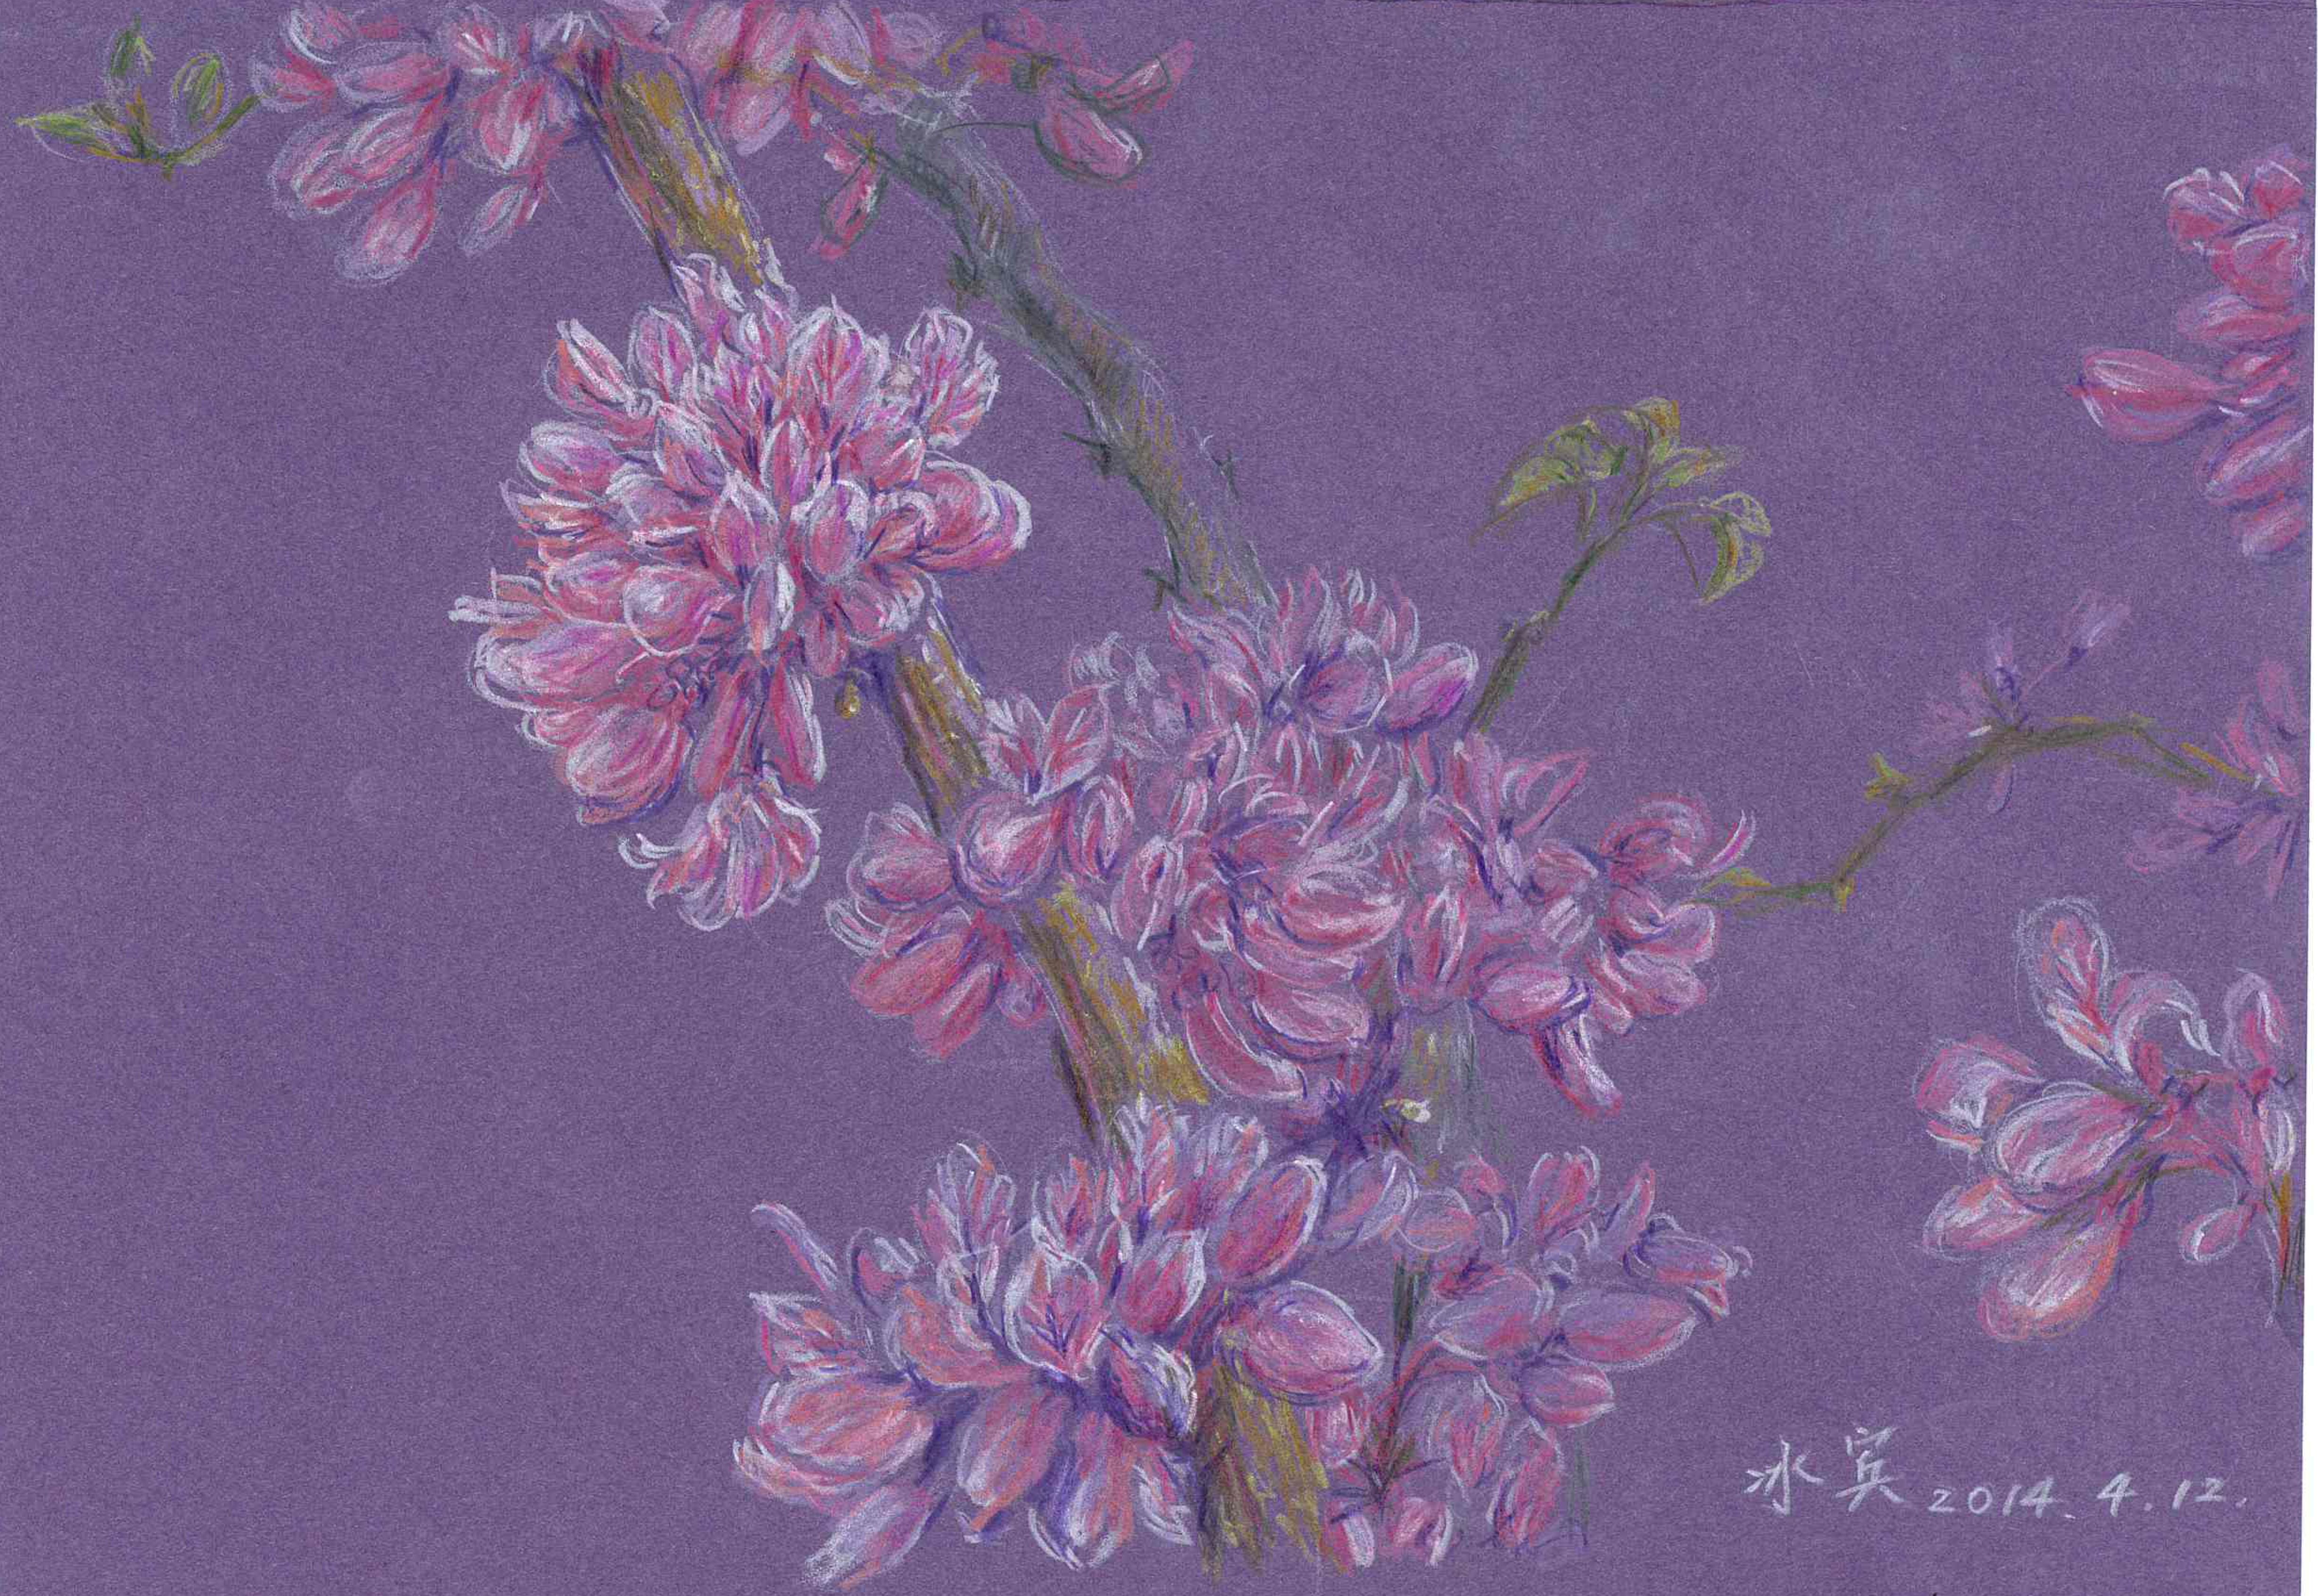 彩铅手绘风景画紫色